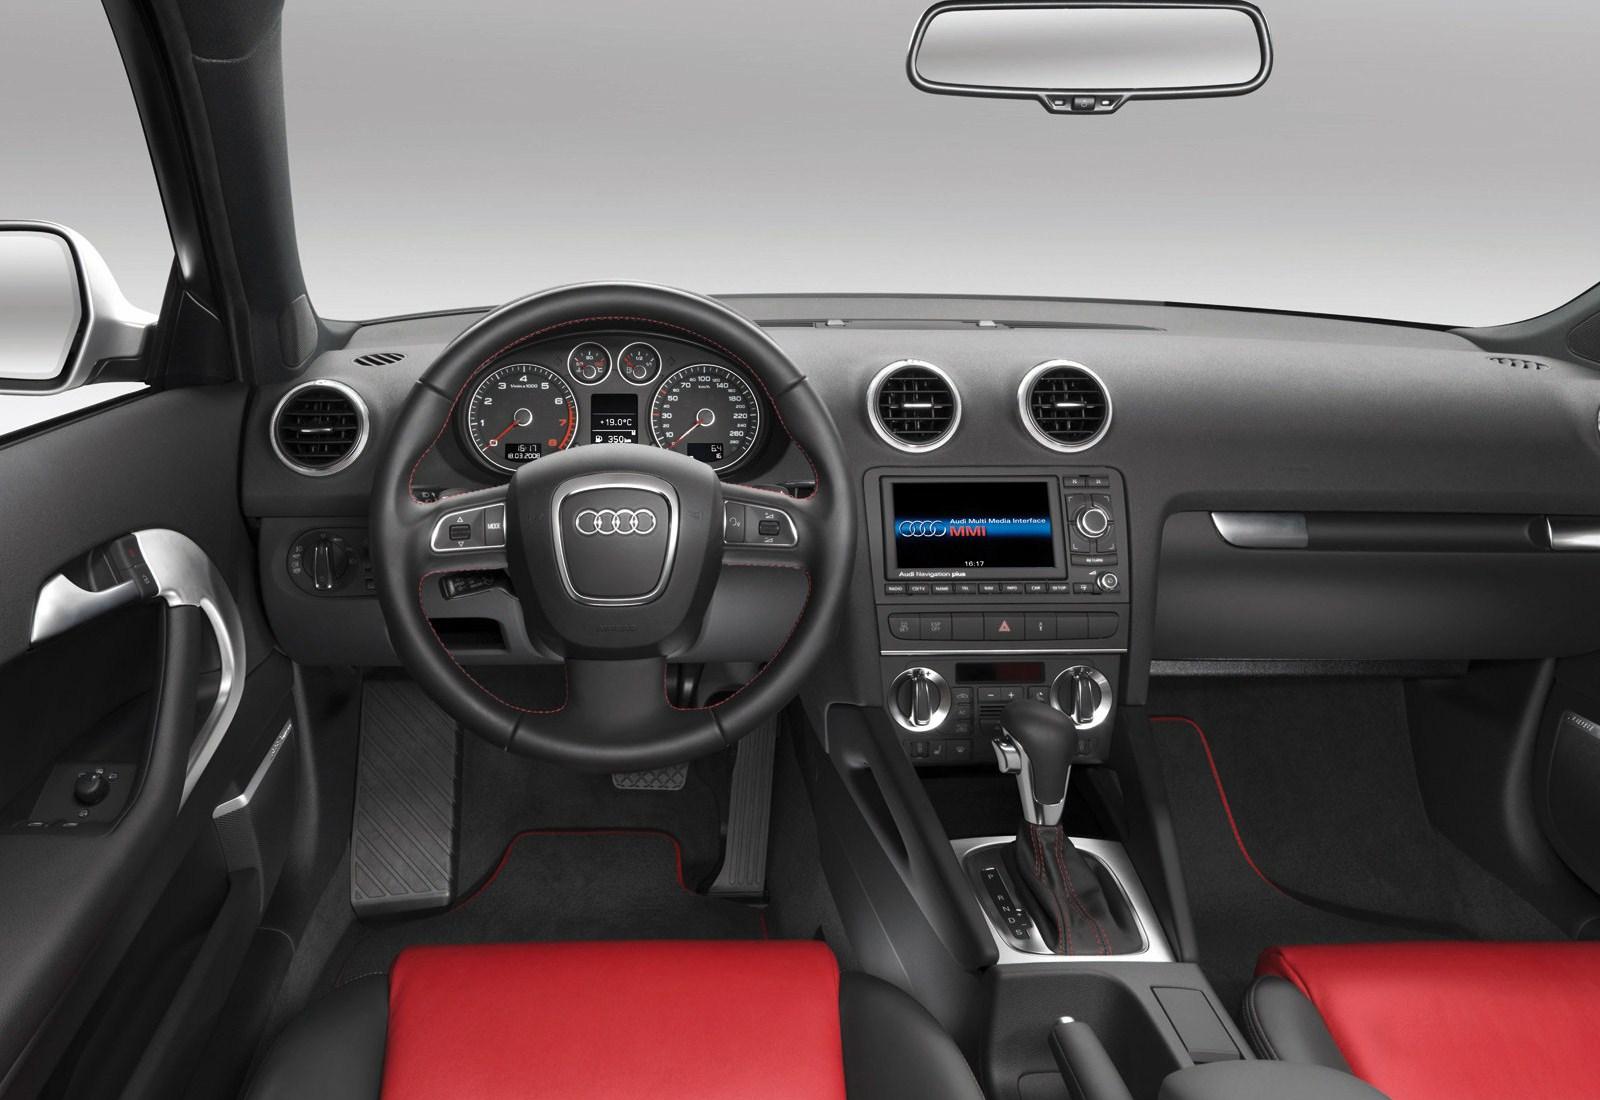 http://3.bp.blogspot.com/_sRGU_JXOz6E/TSiNw9mChjI/AAAAAAAABEk/FD1O8yvho34/s1600/Audi-A3_2009_wallpaper+interior_0f.jpg